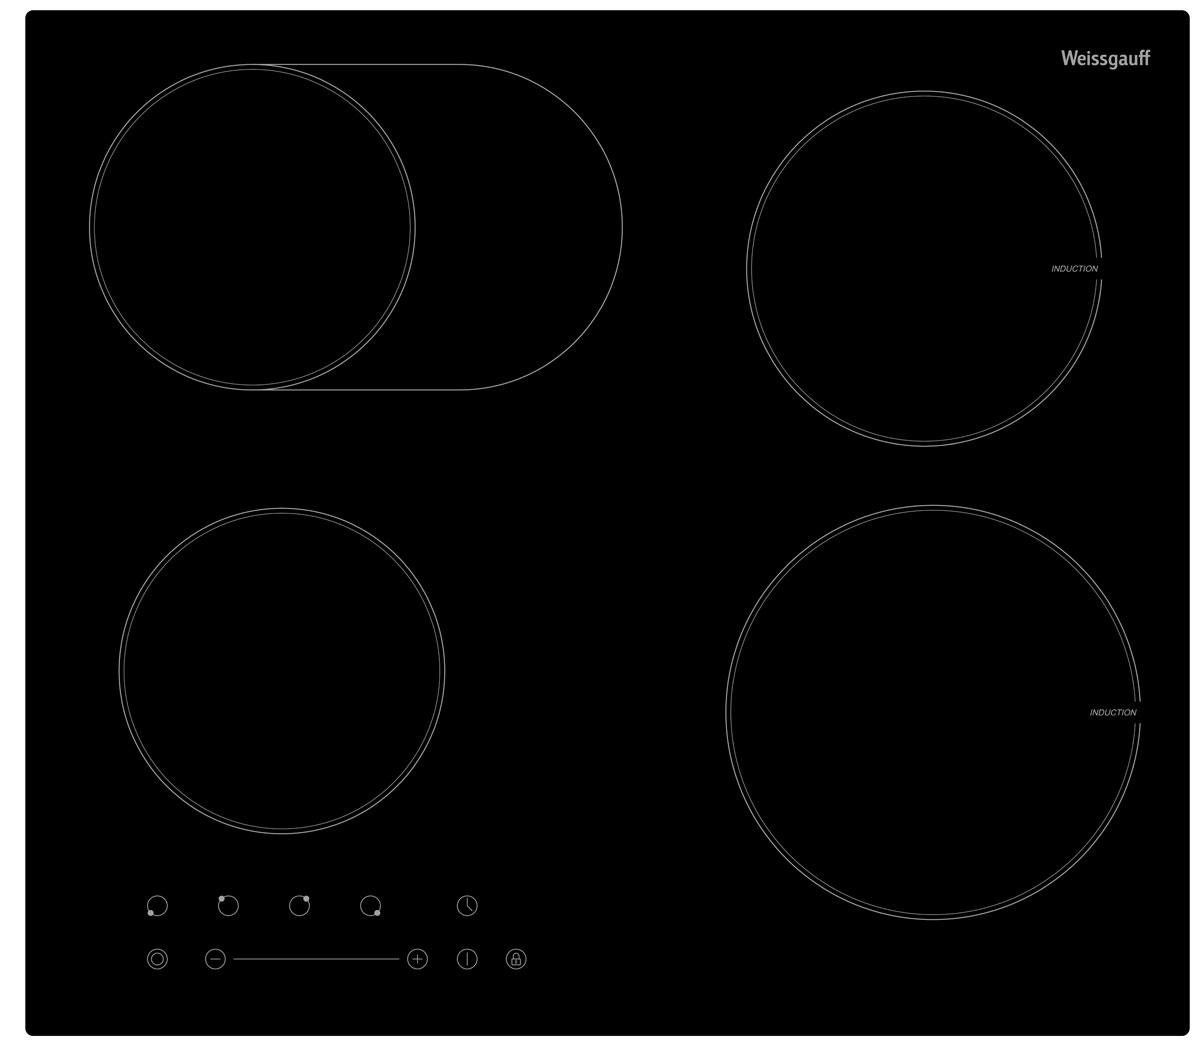 Weissgauff HIB 645 B варочная панель302620Самый главный атрибут любой кухни – плита, или, выражаясь более современным языком – варочная панель, экономящая пространство. Варочная панель Weissgauff HIB 645 B оснащена двумя индукционными и двумя Hi-Light конфорками. Регулировка температуры производится с помощью сенсорного слайдера. Таймер до 99 минут упрощает контроль за работой варочной панели. Сенсор удобно расположен на фронтальной части варочной панели. Автоматическое отключение и защитная блокировка от детей обеспечивают безопасность эксплуатации.